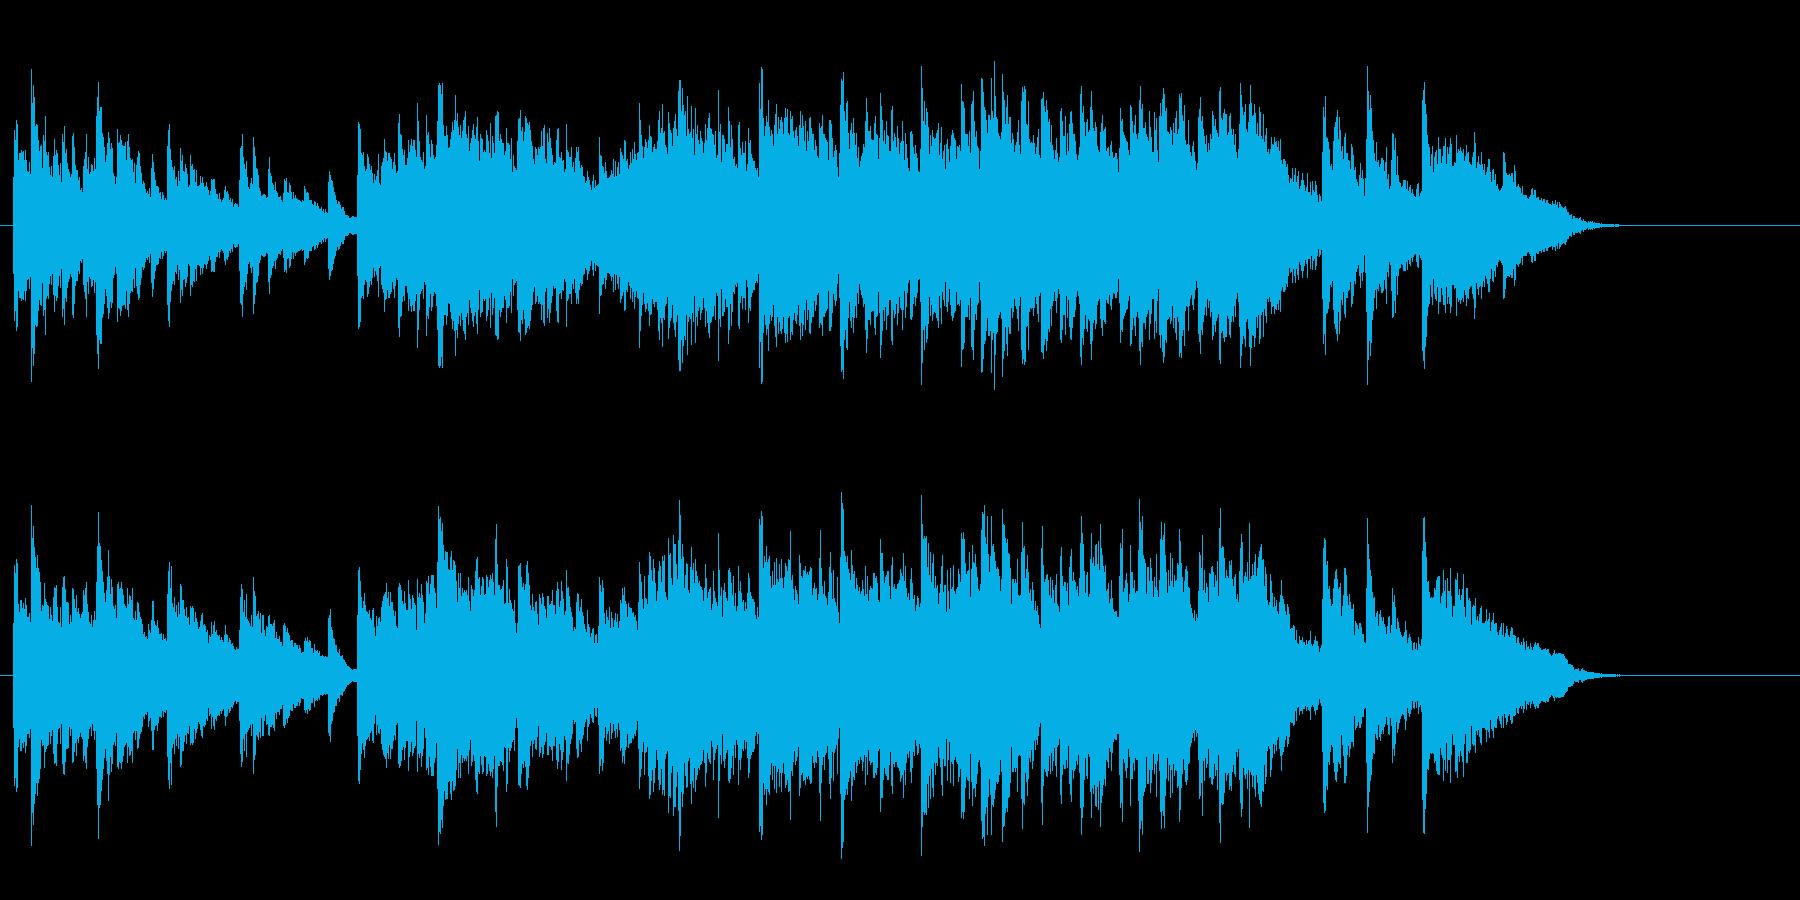 新たな門出を祝福する感動のピアノバラードの再生済みの波形